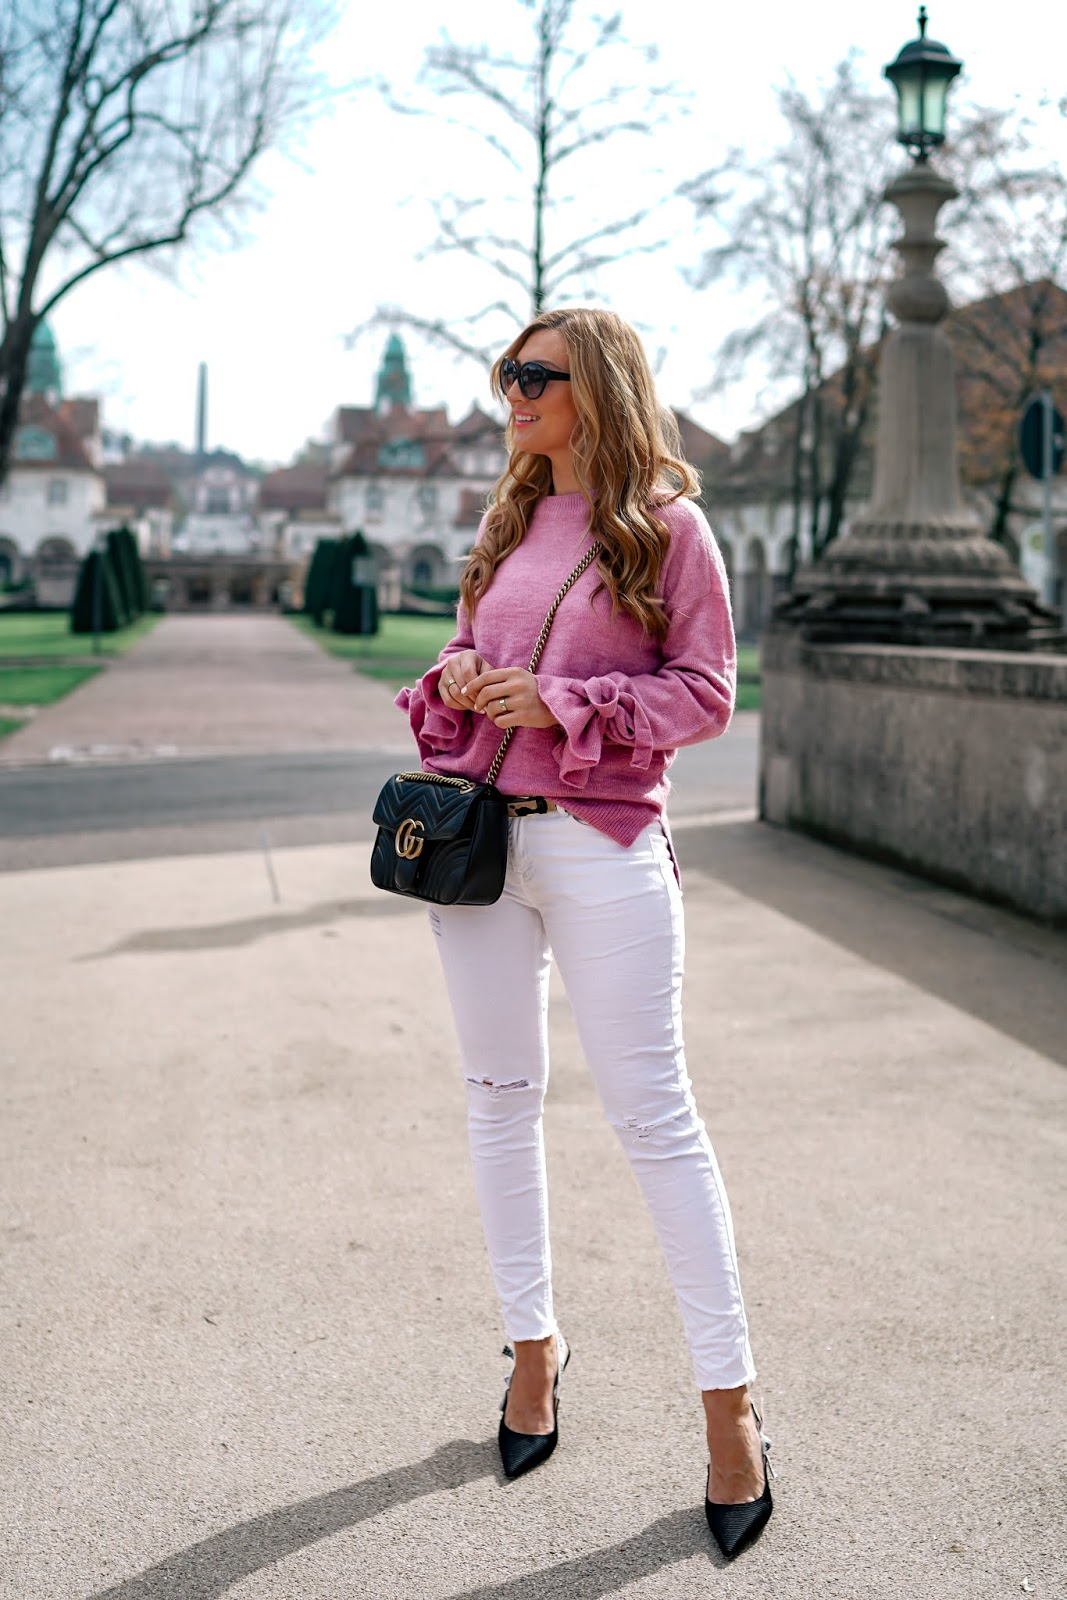 gucci-marmont-tasche-schwarz-weiße-jeans-rosa-pullover